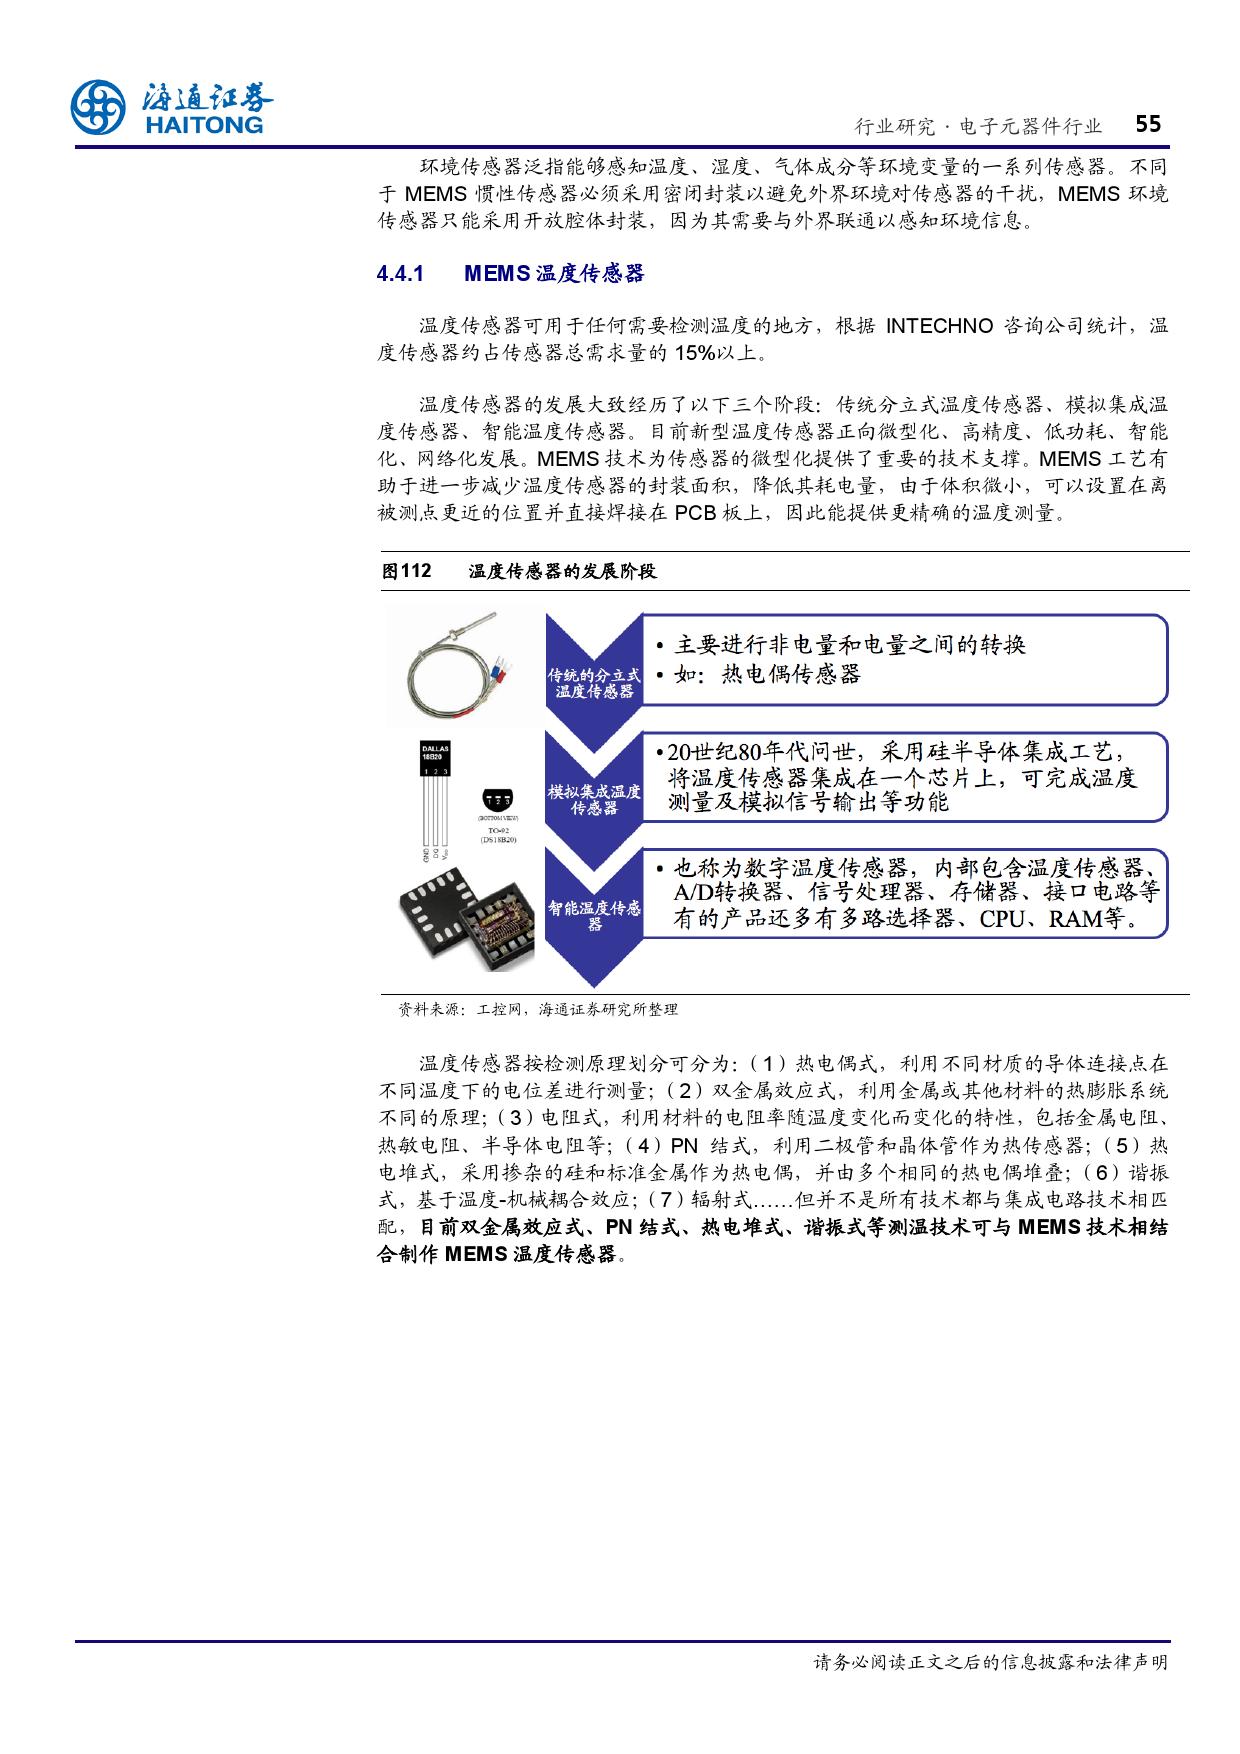 报告全解传感器全球产业链_000055